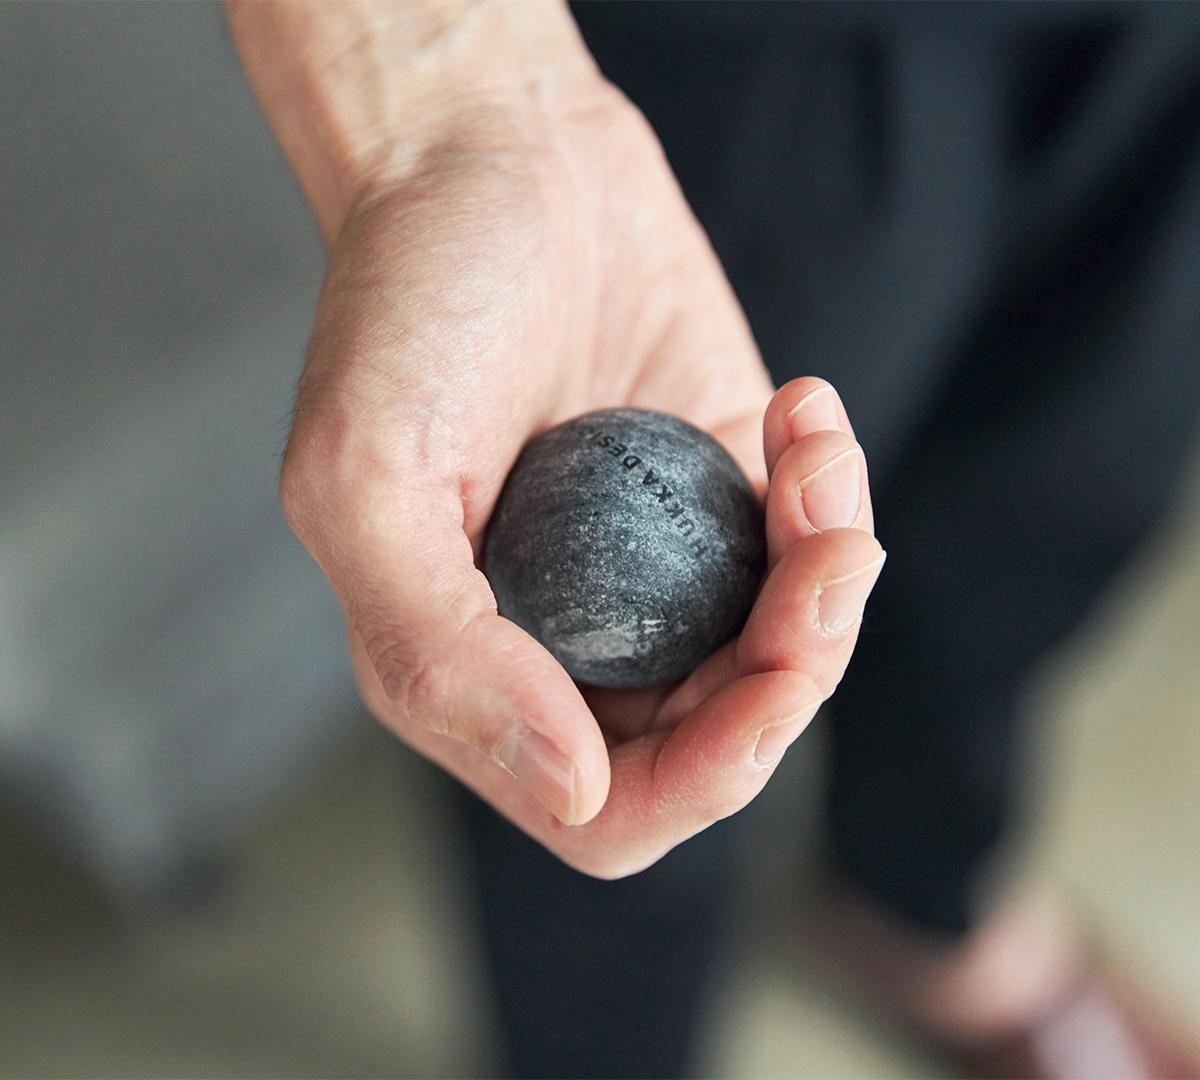 カレリアンソープストーンは、約28億年もの時間をかけて育まれた大自然の産物|北欧フィンランド北東部の地底から発見された、カレリアンソープストーンの「マッサージストーン」|HUKKA DESIGIN(フッカ デザイン)